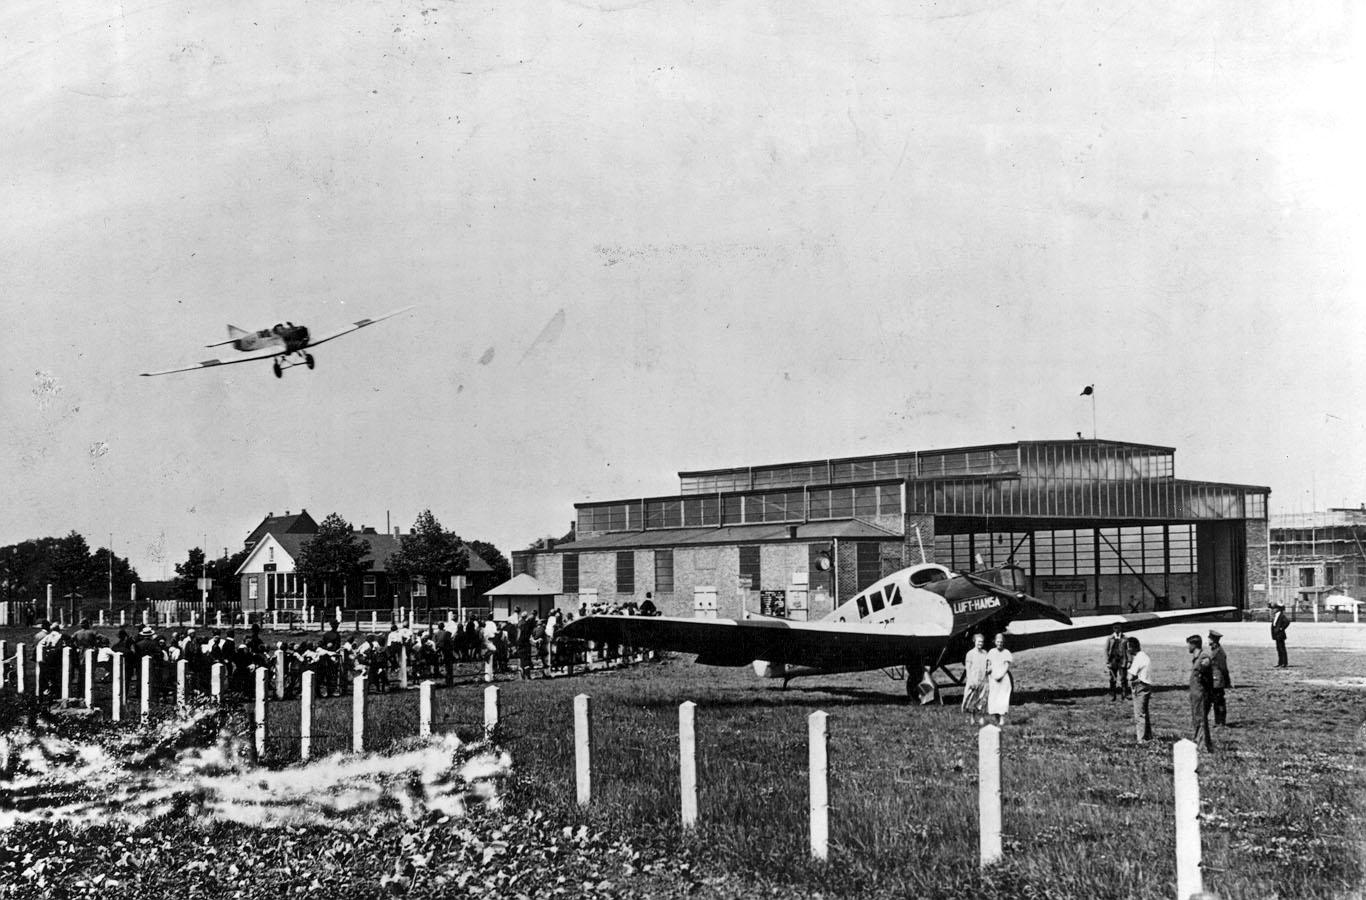 Bereits  im  Januar  1926  landen  in  Brackel  täglich  zwölf  Maschinen der neu gegründeten Deutschen Luft- hansa AG. (Foto: Archiv)